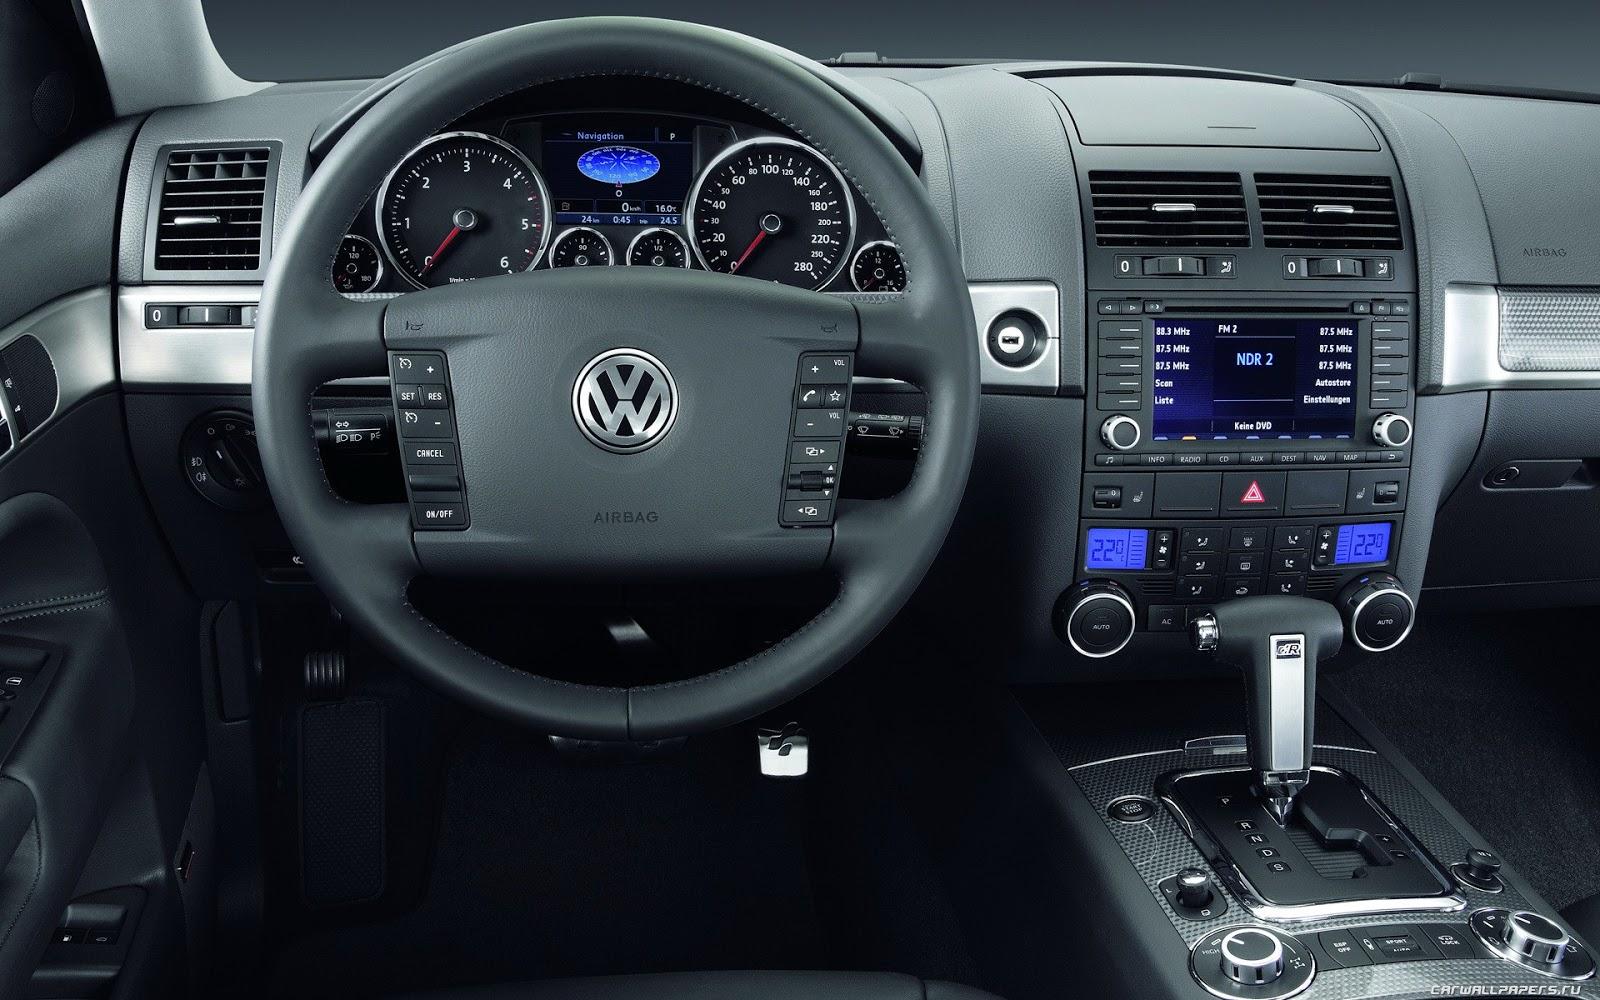 Volkswagen Caddy İç Görünüm - Uygun Taşıt